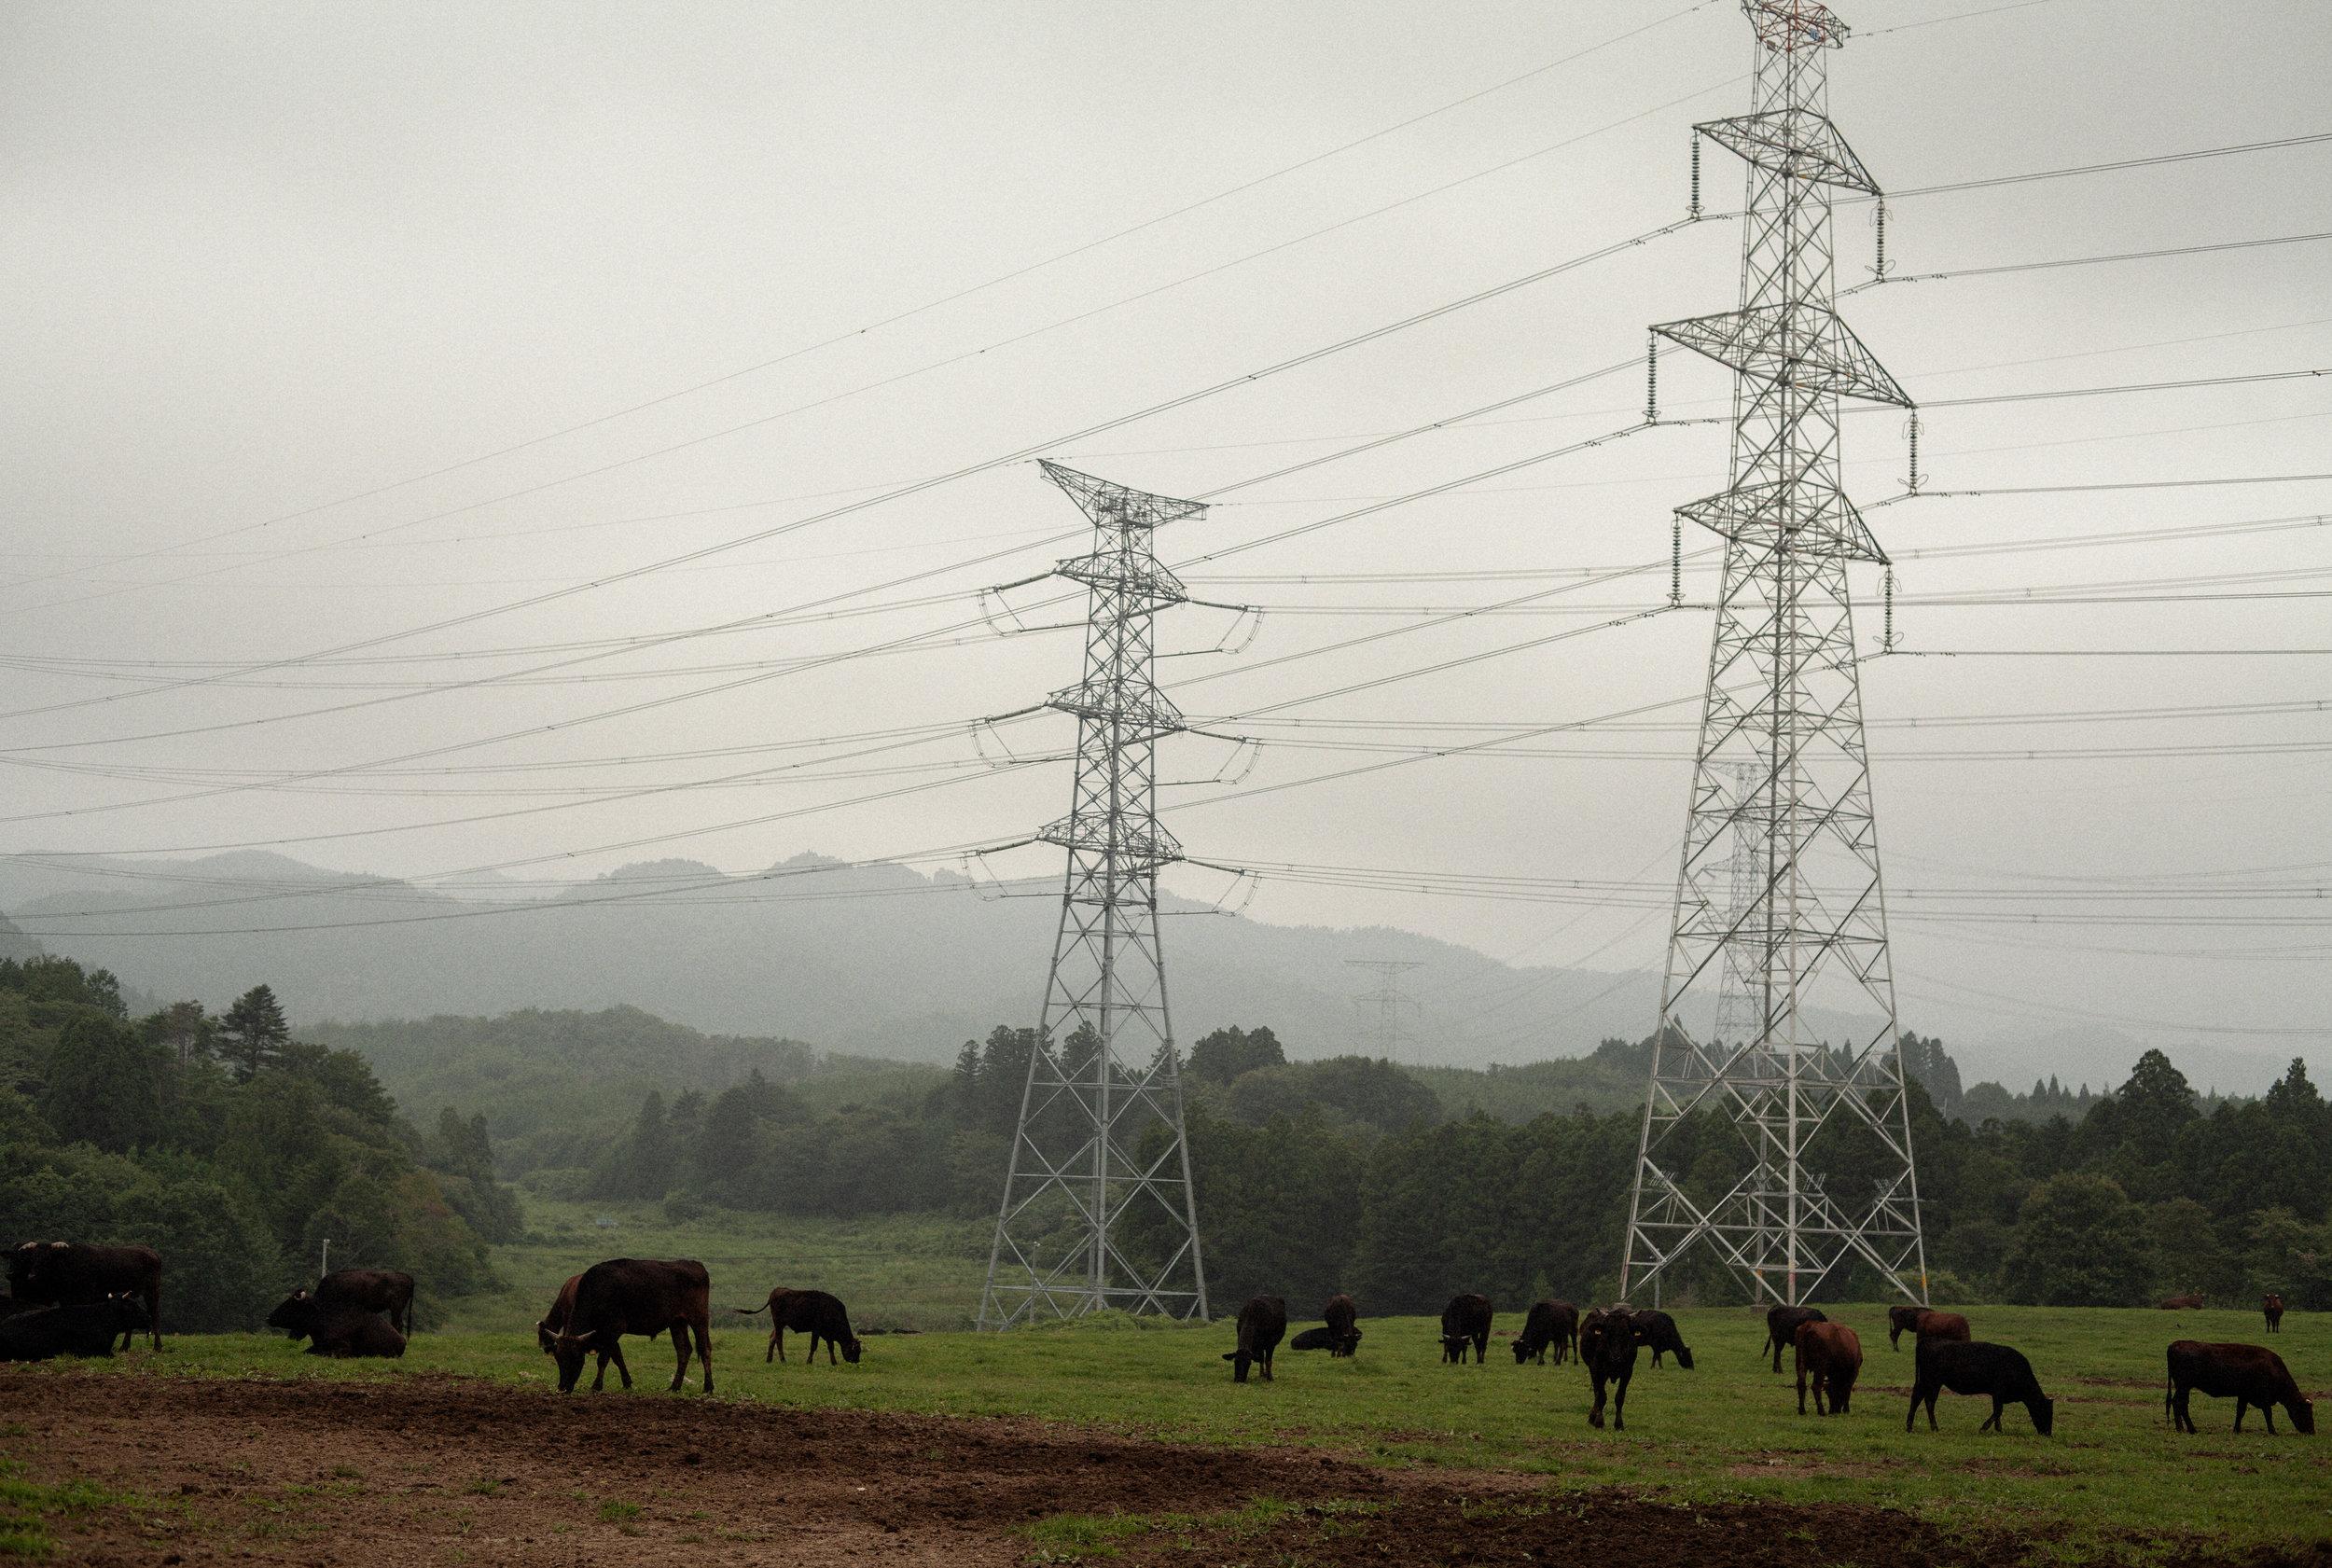 原発に 汚染されたる 草を食む 人なき野辺に 放たれし牛grazing on grasscontaminated by falloutin an empty fieldcowsleft behind to roam - 植原 昭士 (群馬県 2011年5月)Shoji Uehara, Gunma May 2011